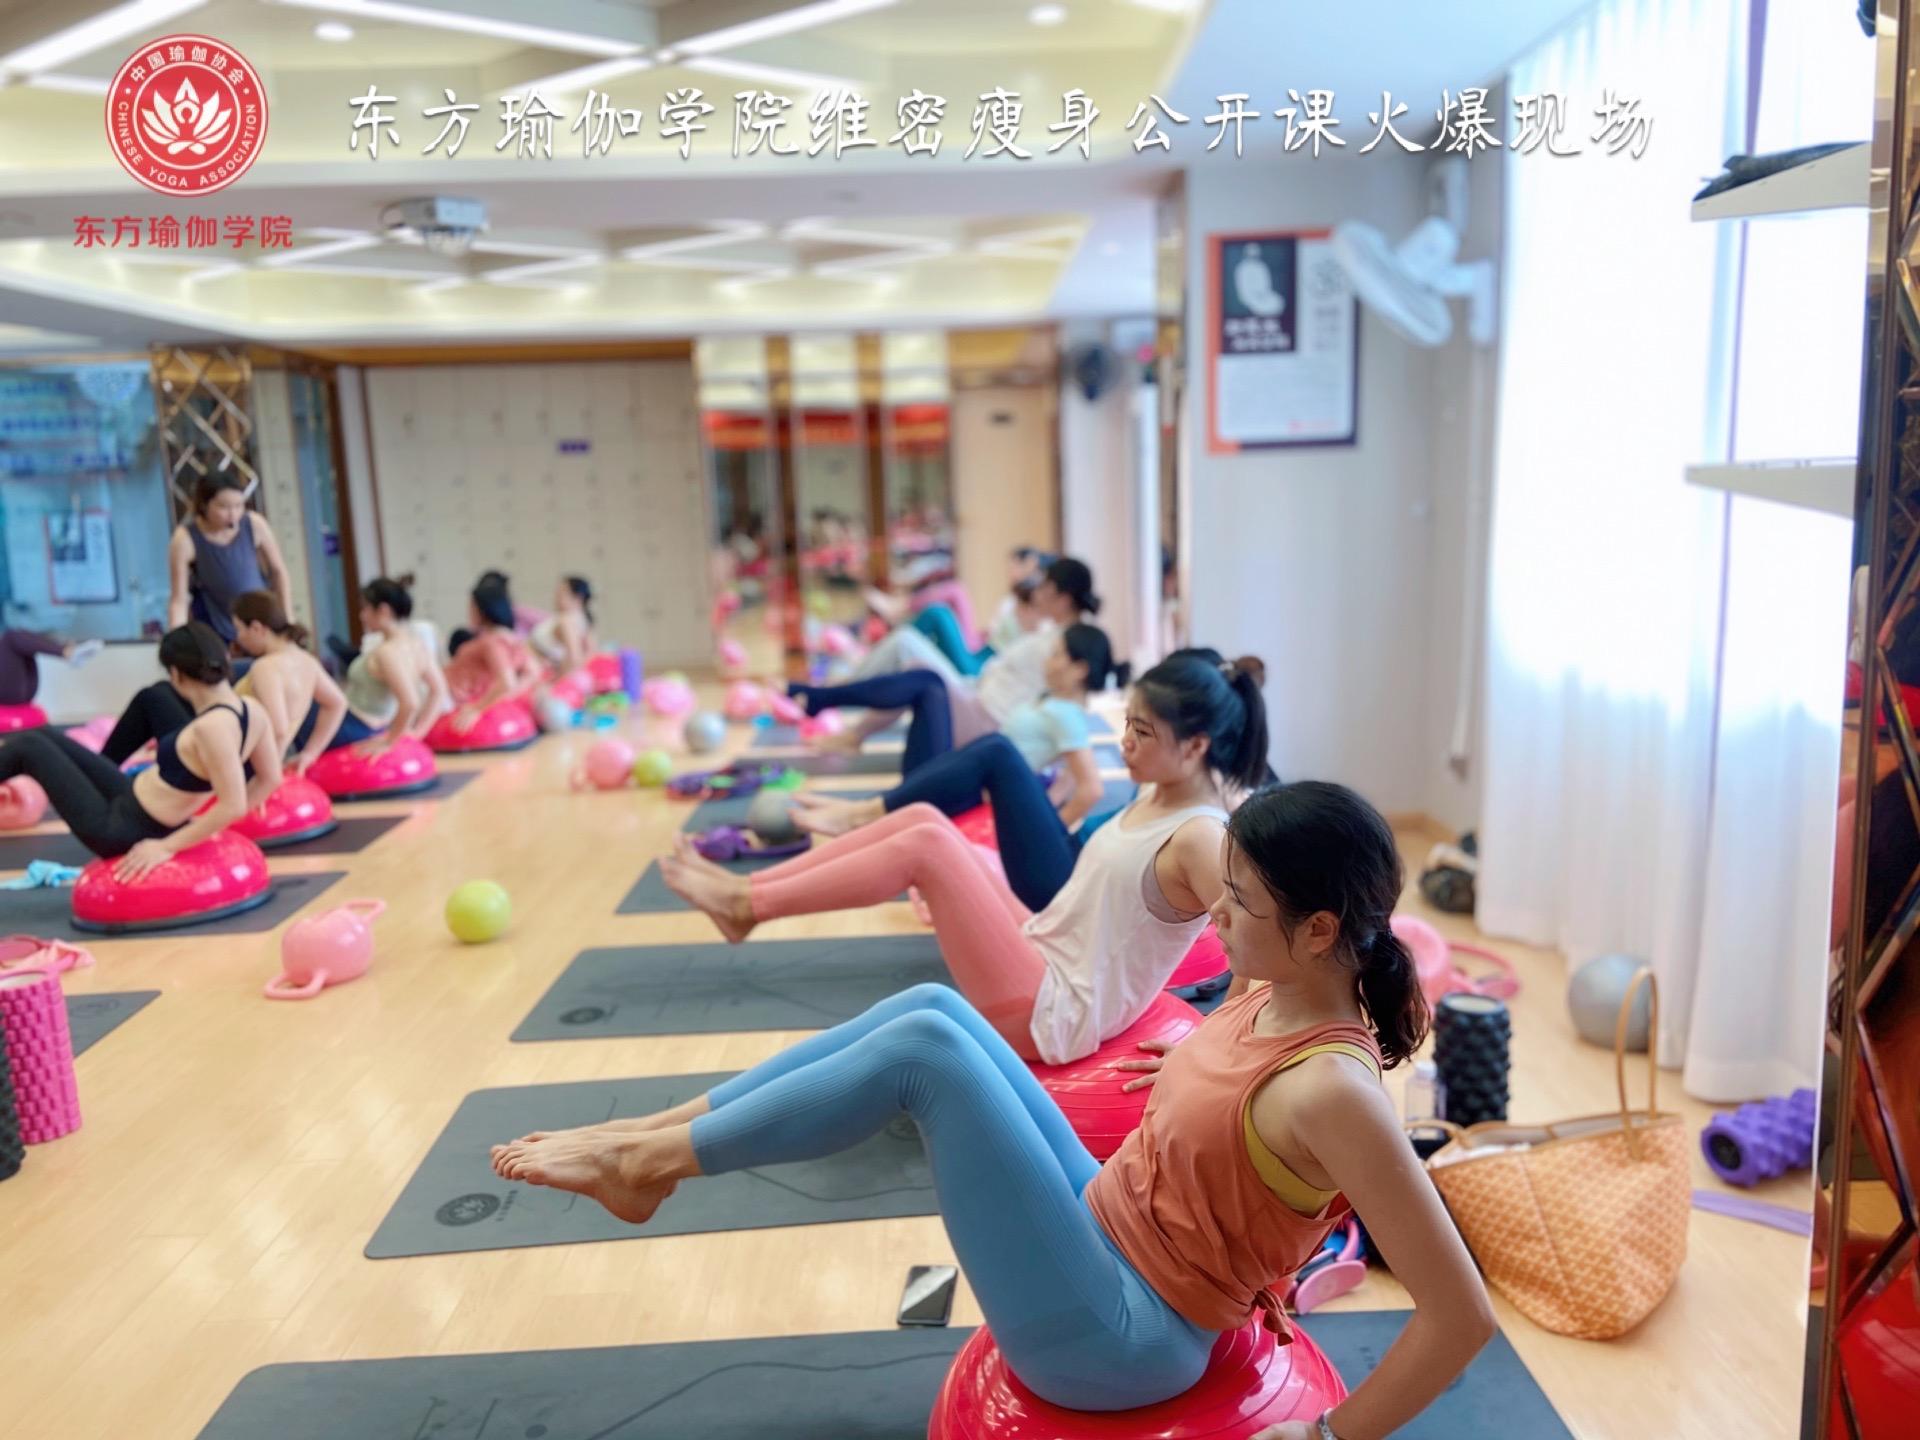 广州维密理疗瘦身瑜伽培训班